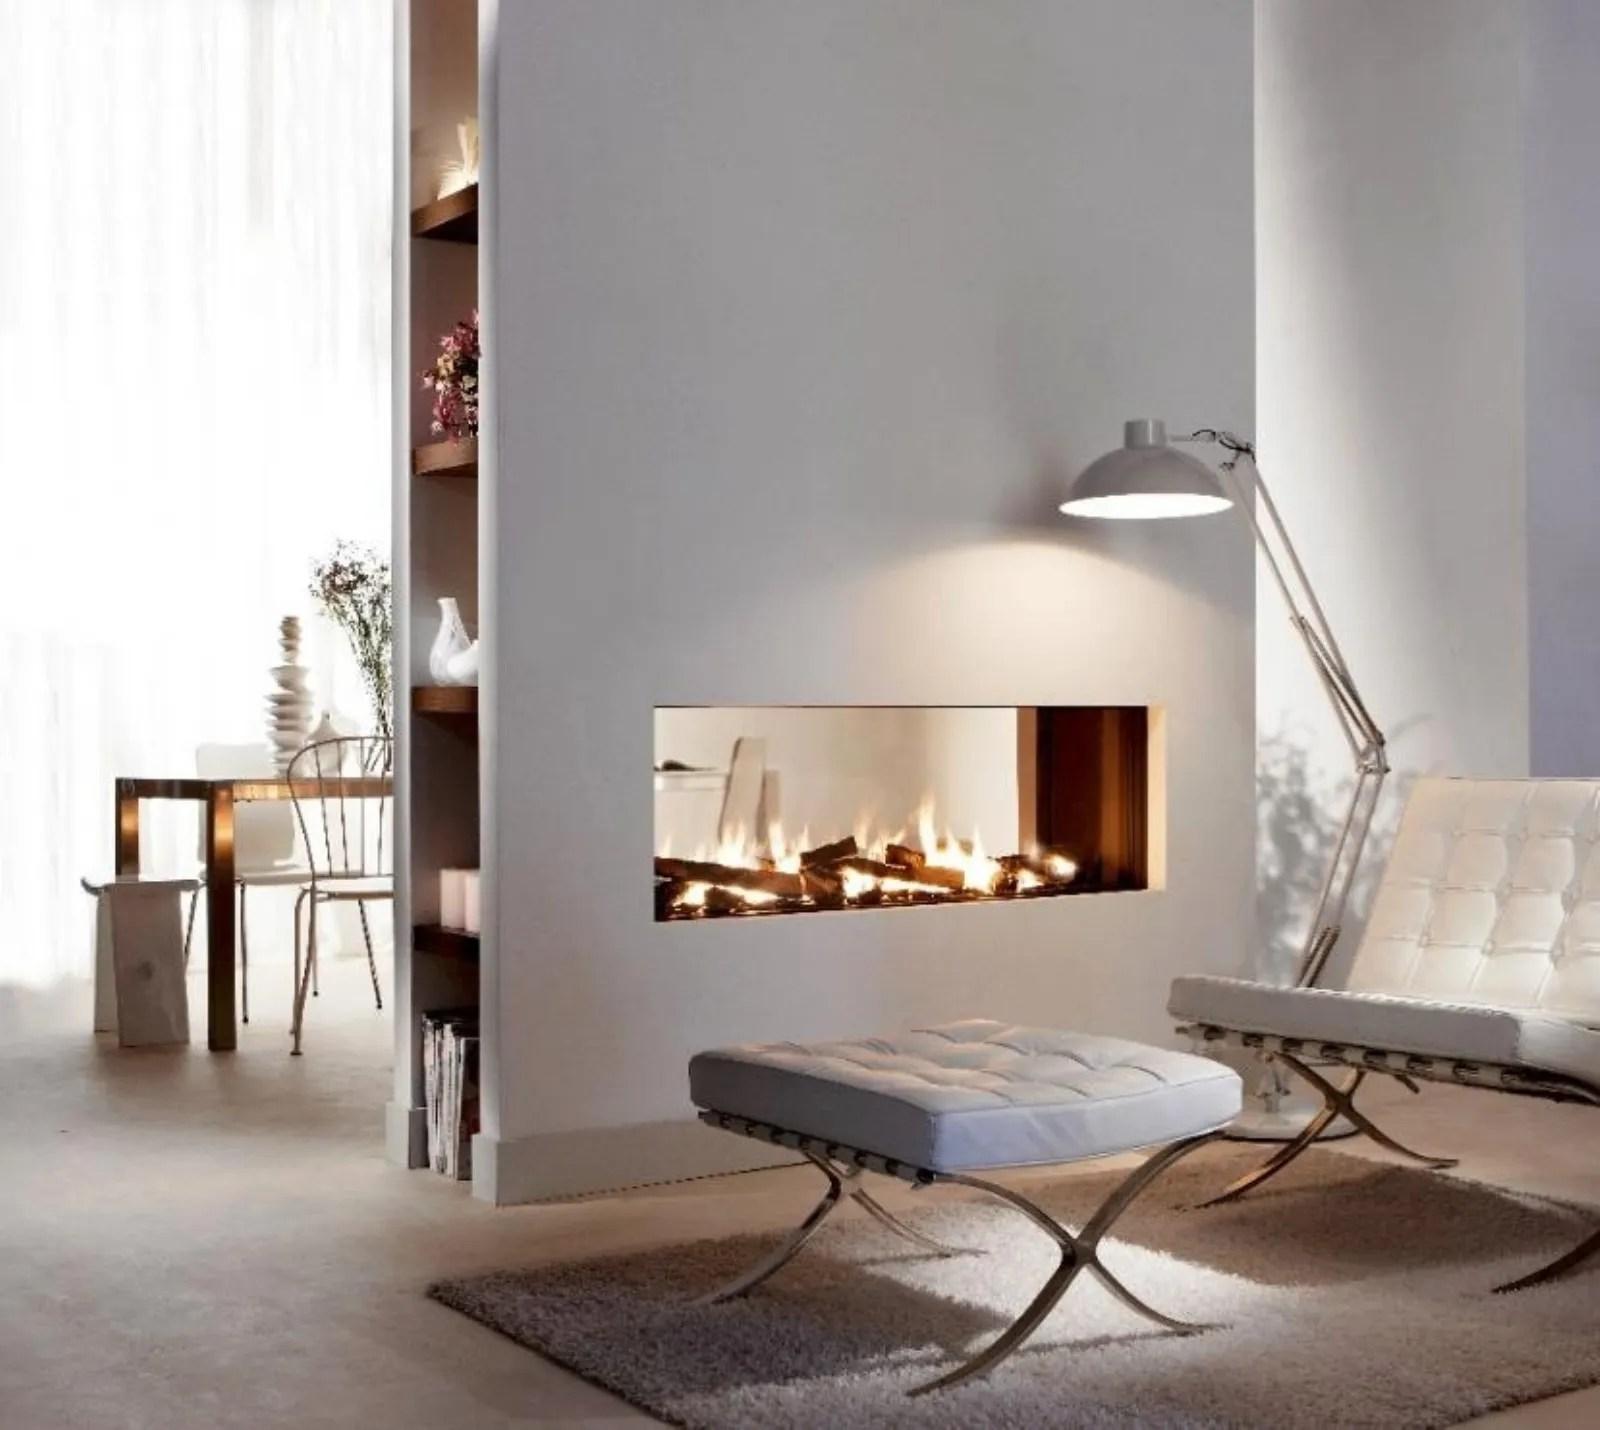 Le migliori offerte per mobile da sala o soggiorno con camino elettrico. Parete Attrezzata Con Camino Idee E Consigli